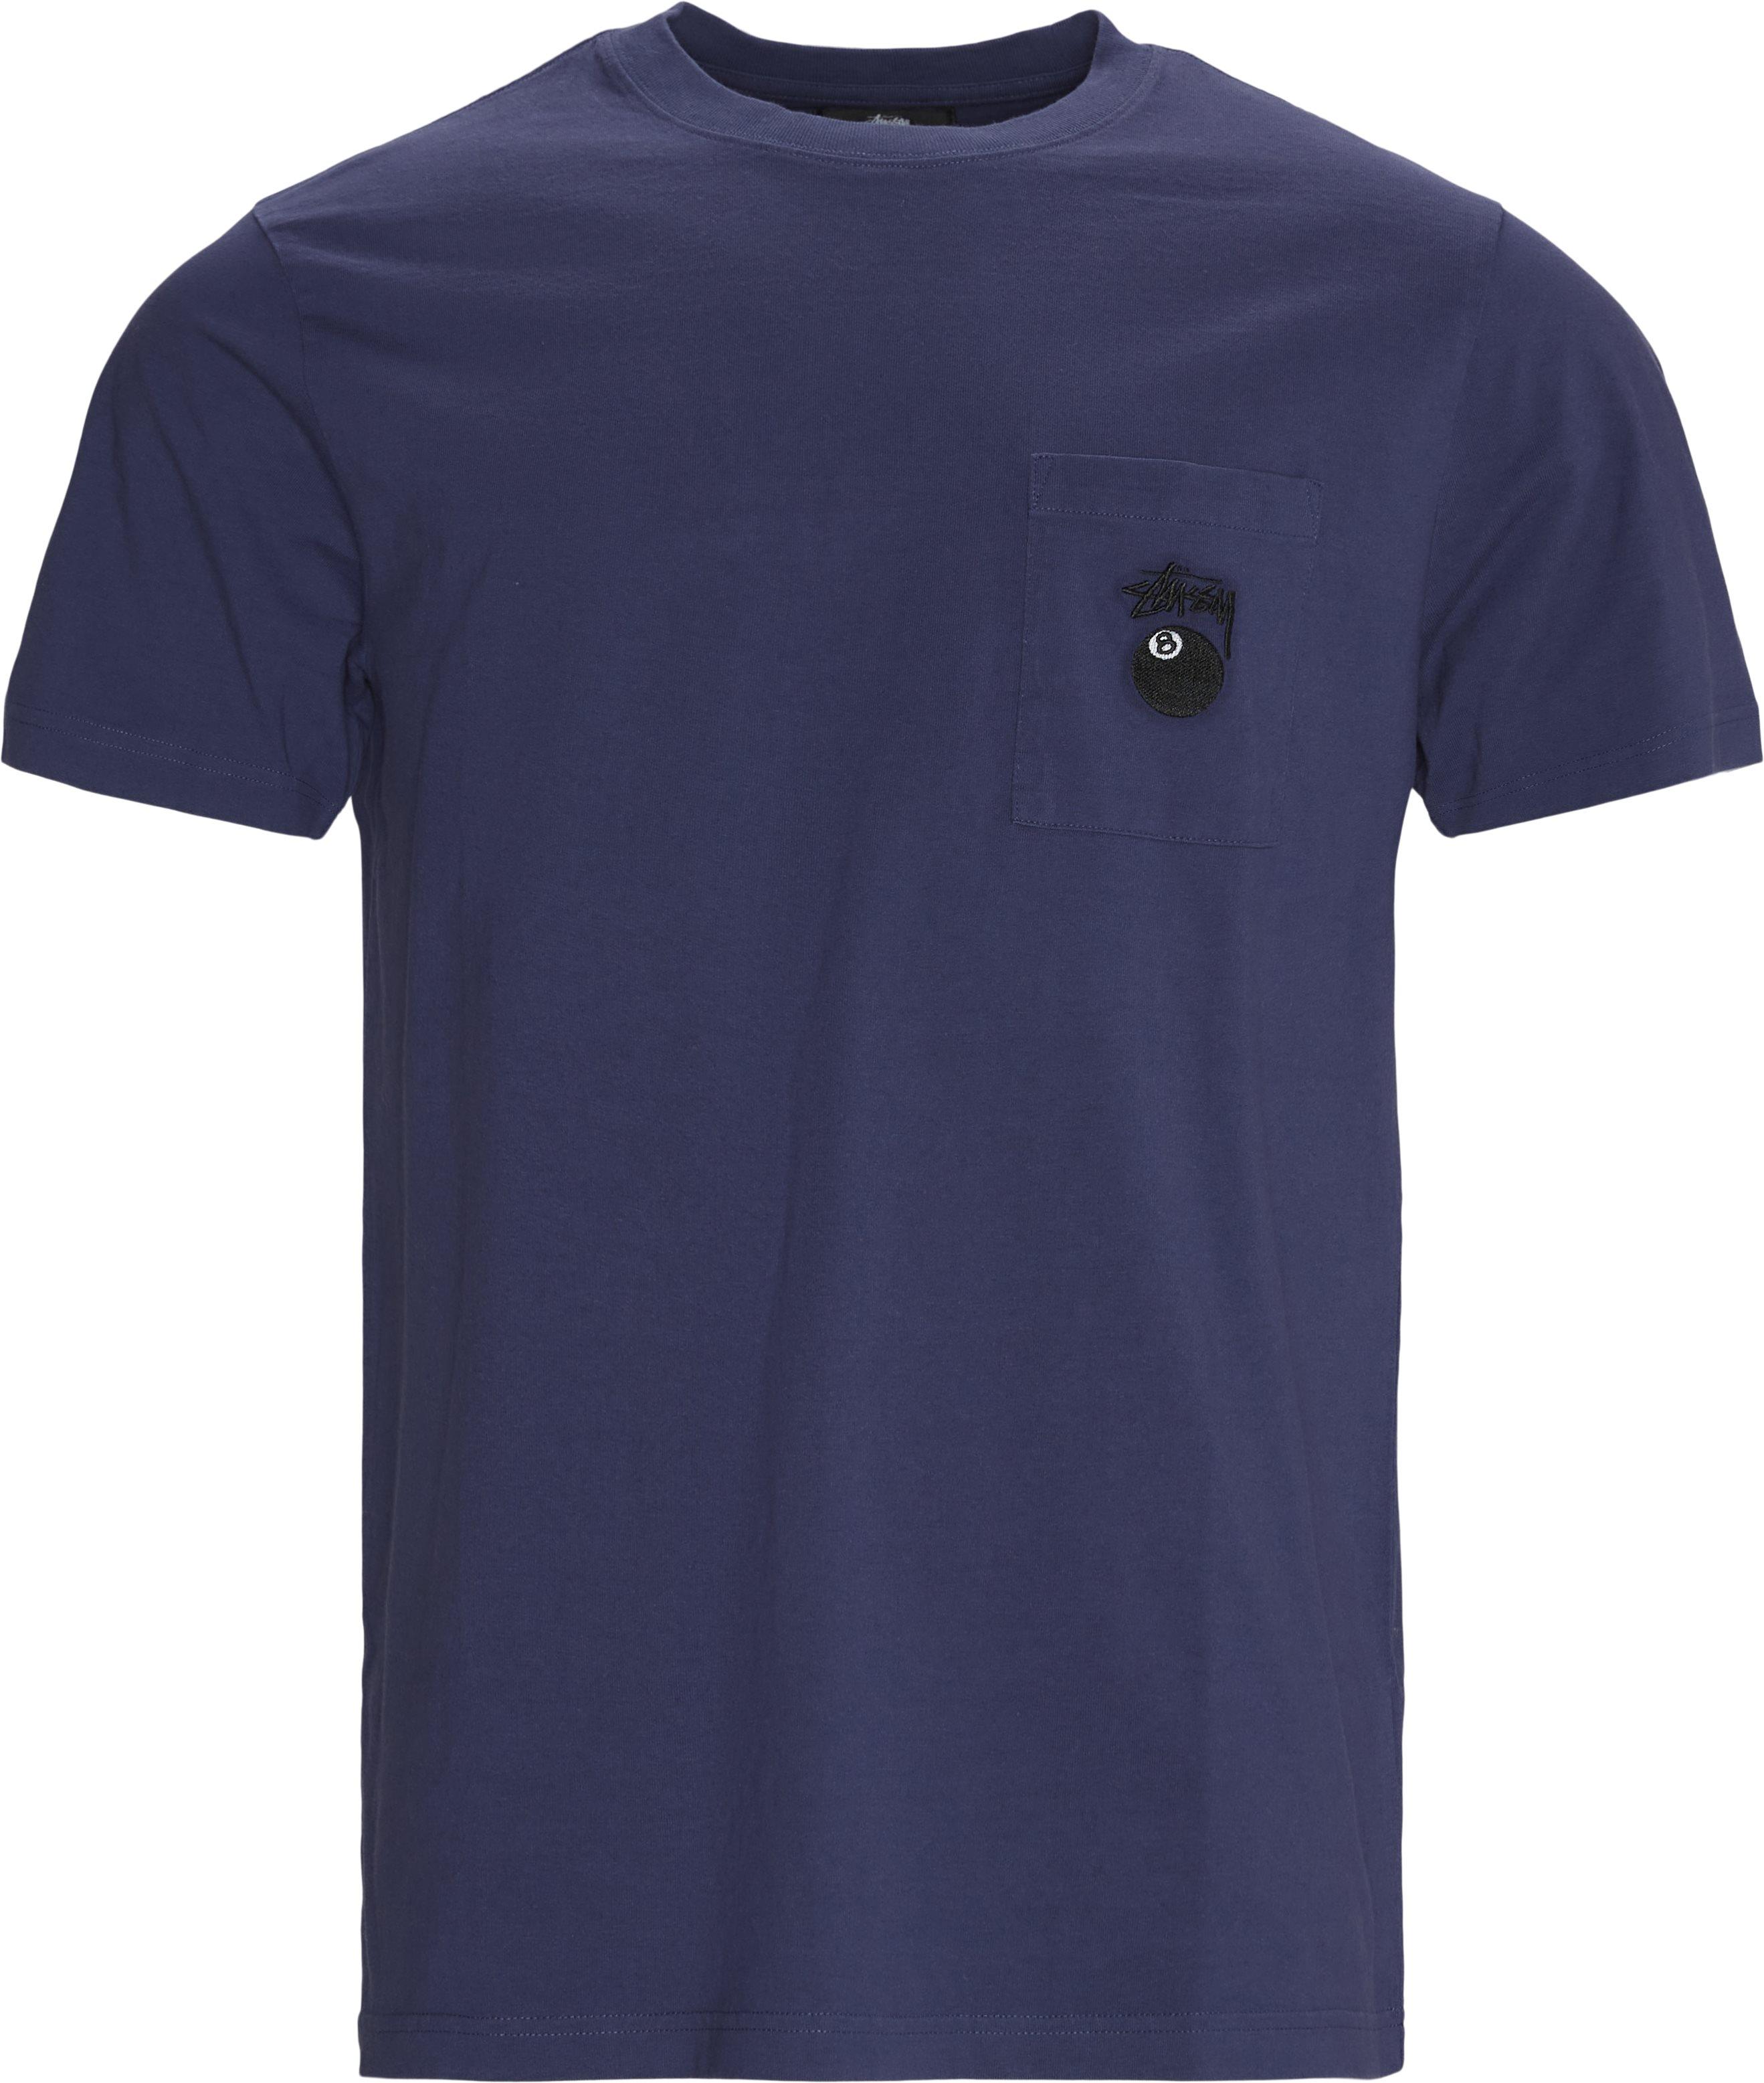 8 Ball Pocket Crew Tee - T-shirts - Regular fit - Blå